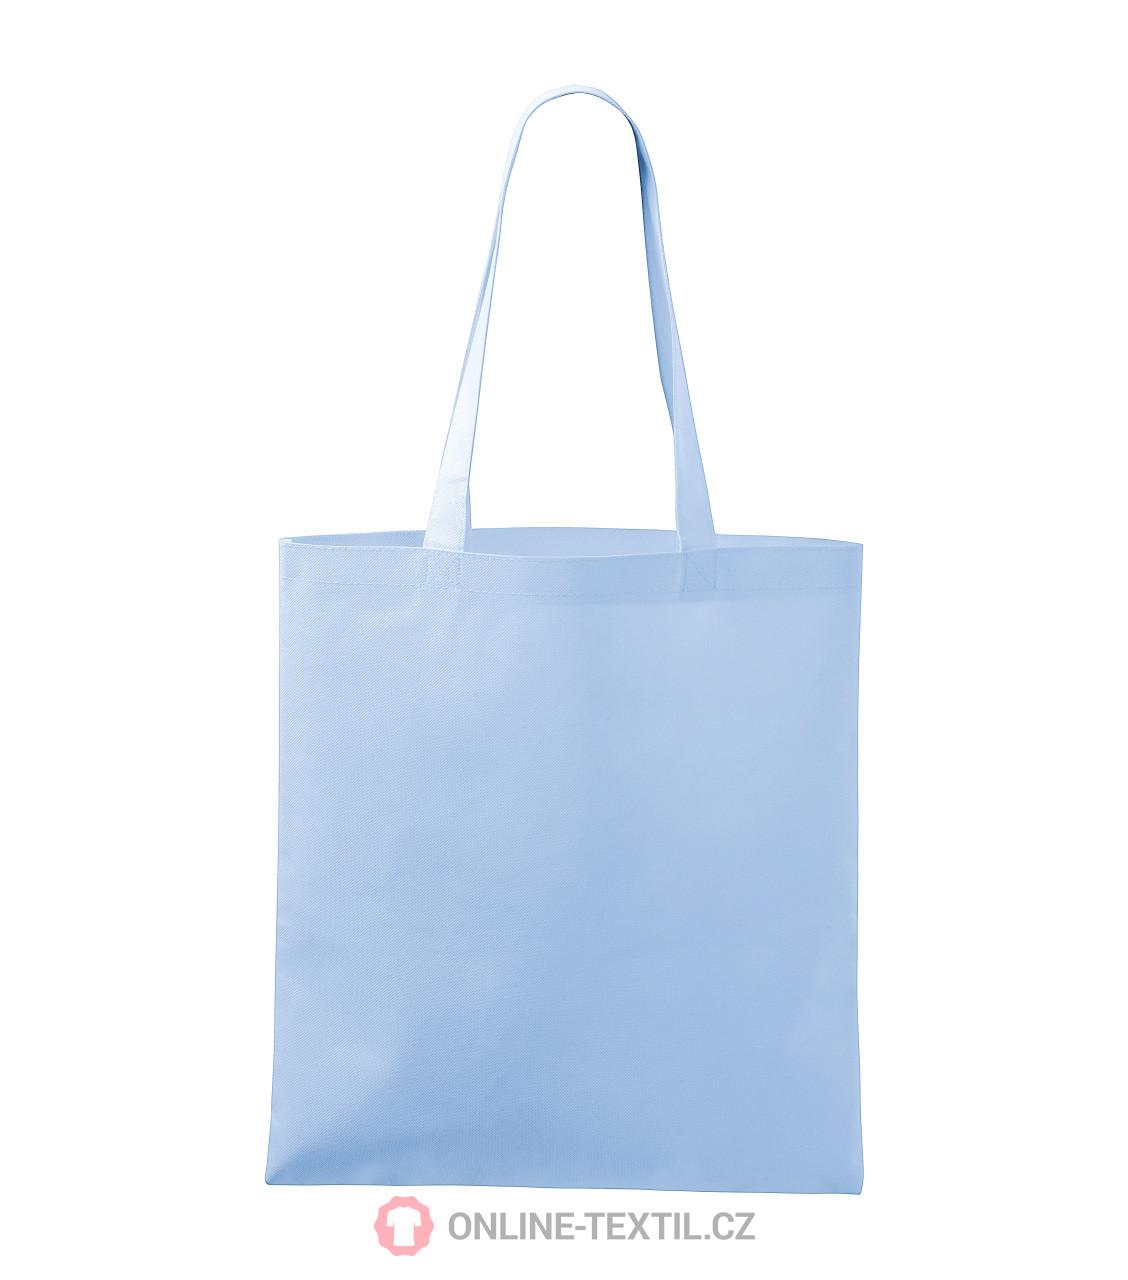 0ef9211872a ADLER CZECH Bloom nákupní taška z netkané textilie P91 - nebesky ...